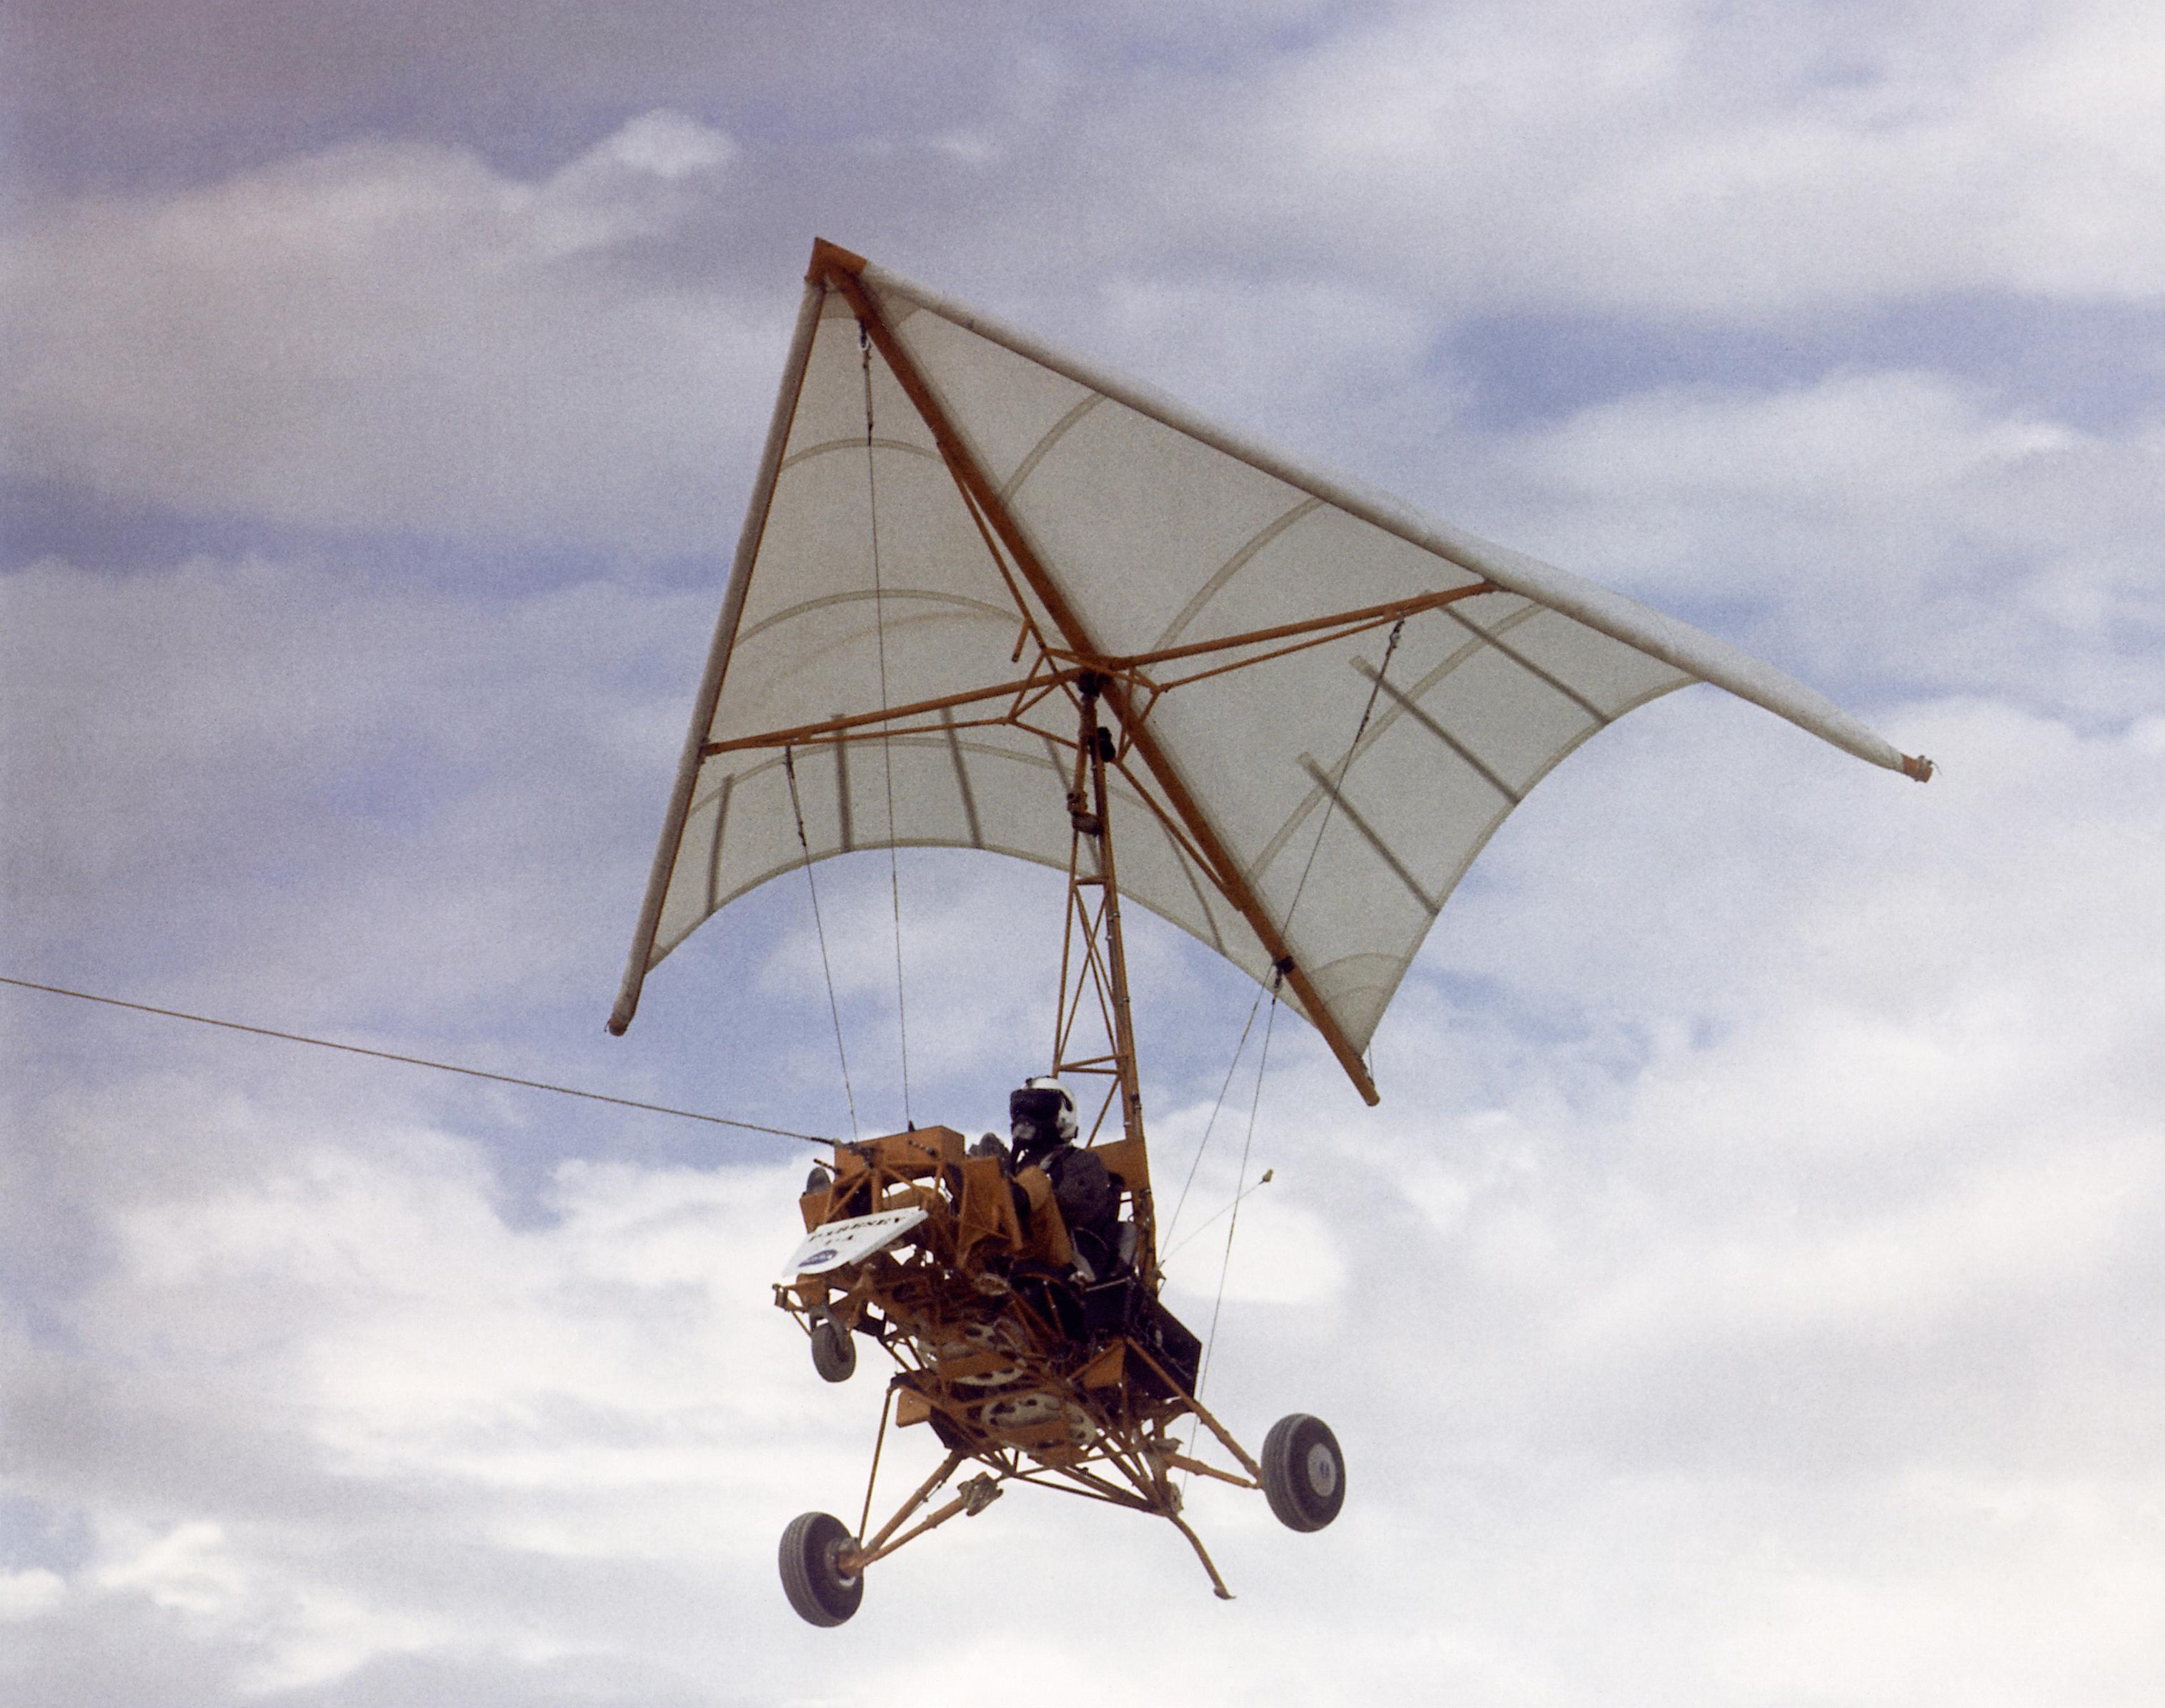 Rogallo wing - Wikipedia